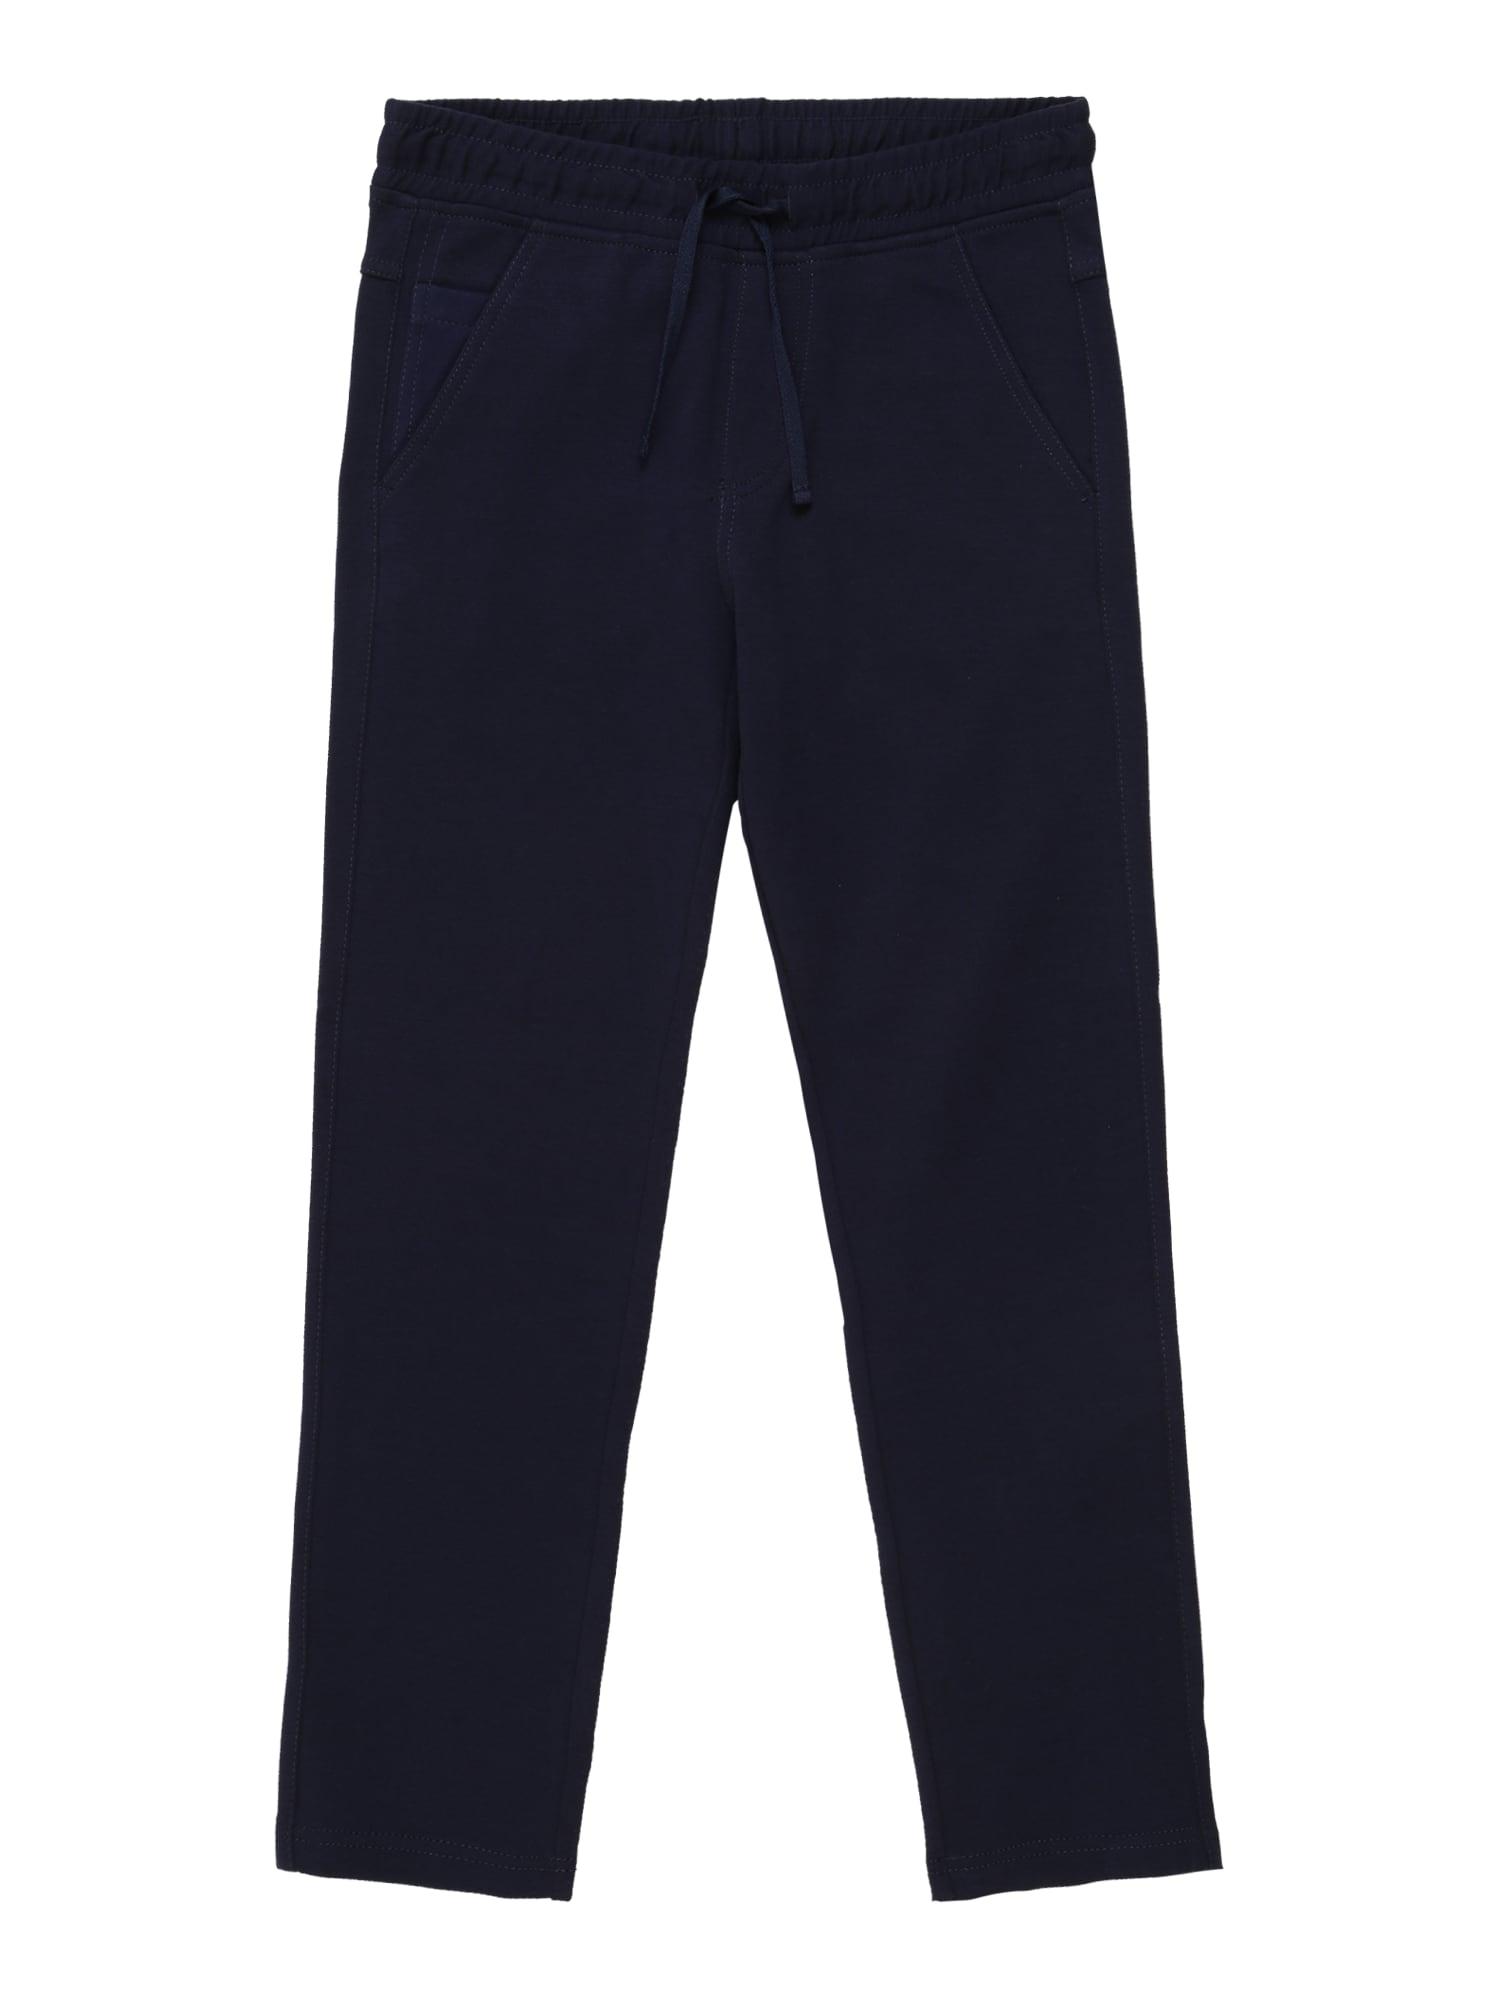 UNITED COLORS OF BENETTON Kalhoty  námořnická modř